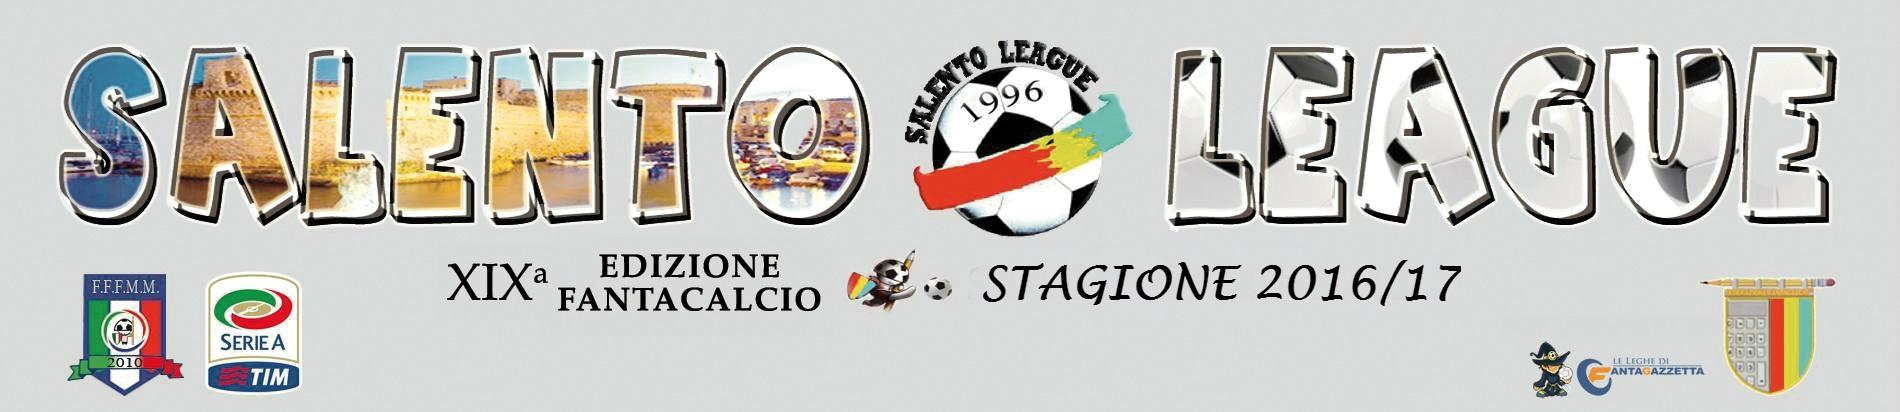 Archivio stagione 2016-17